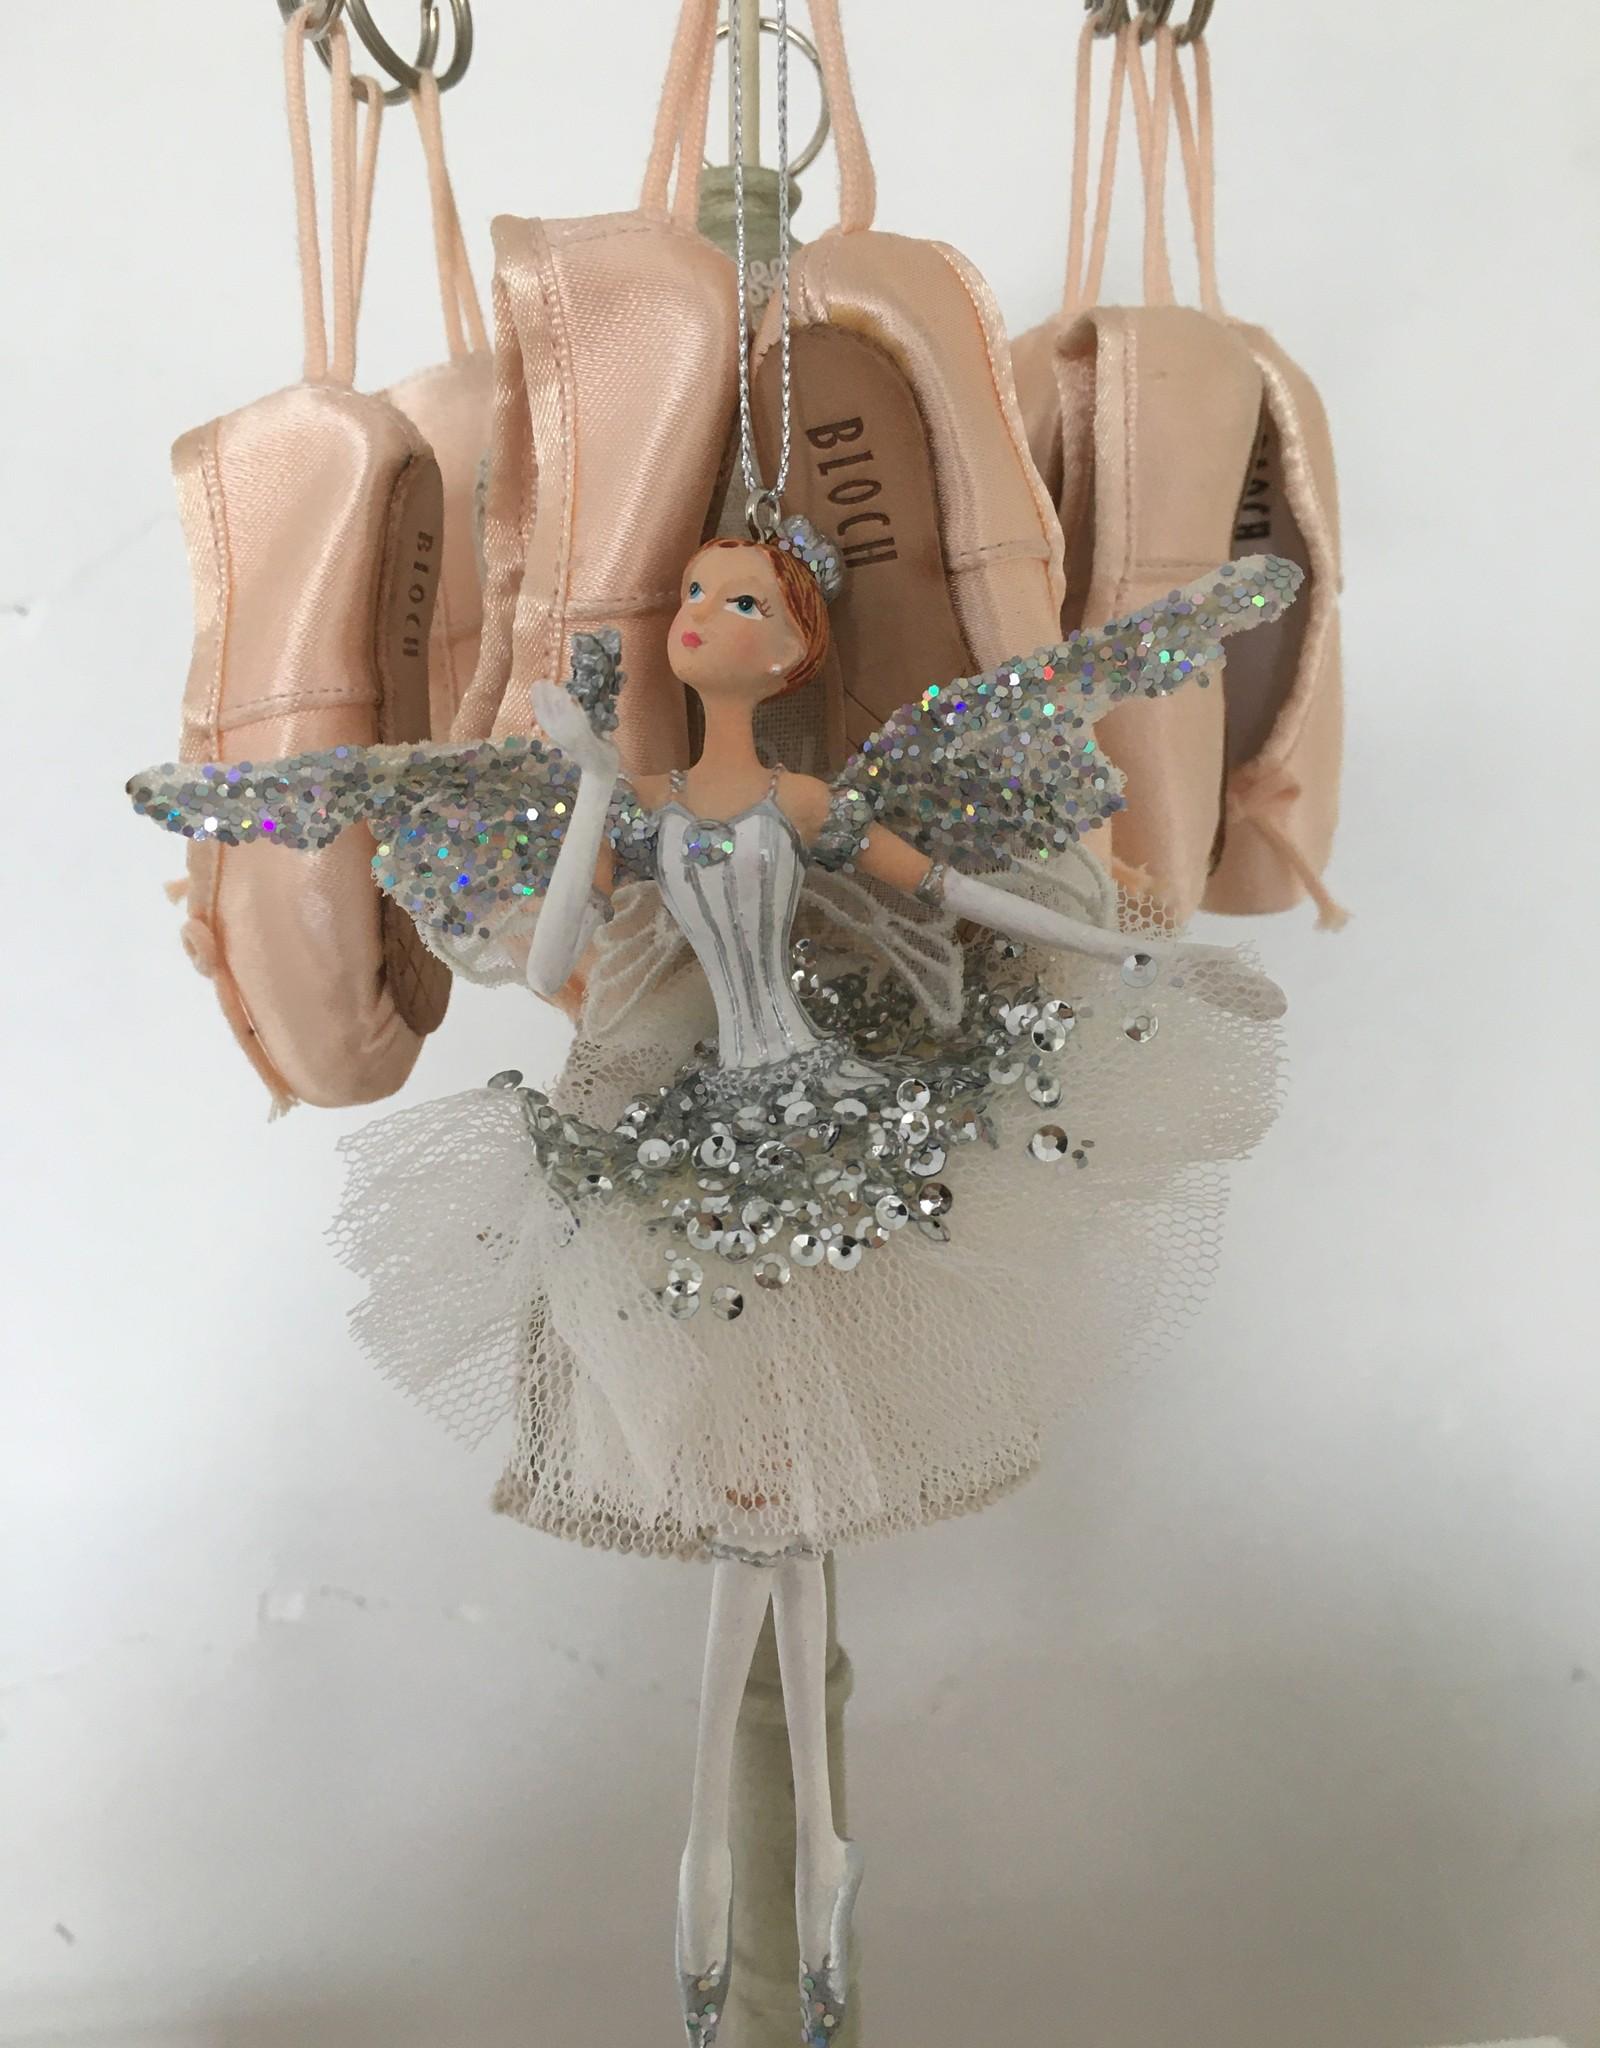 Goodwill Goodwill porseleinen ballerina hanger zilver en wit met vleugeltjes